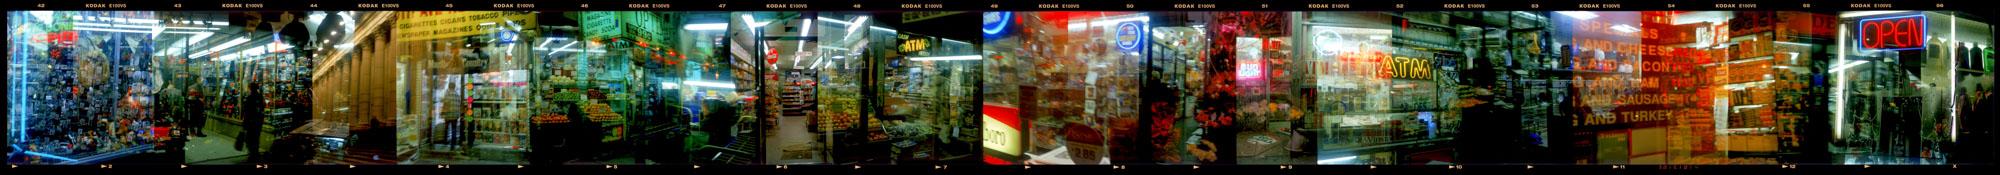 8th Avenue 1999